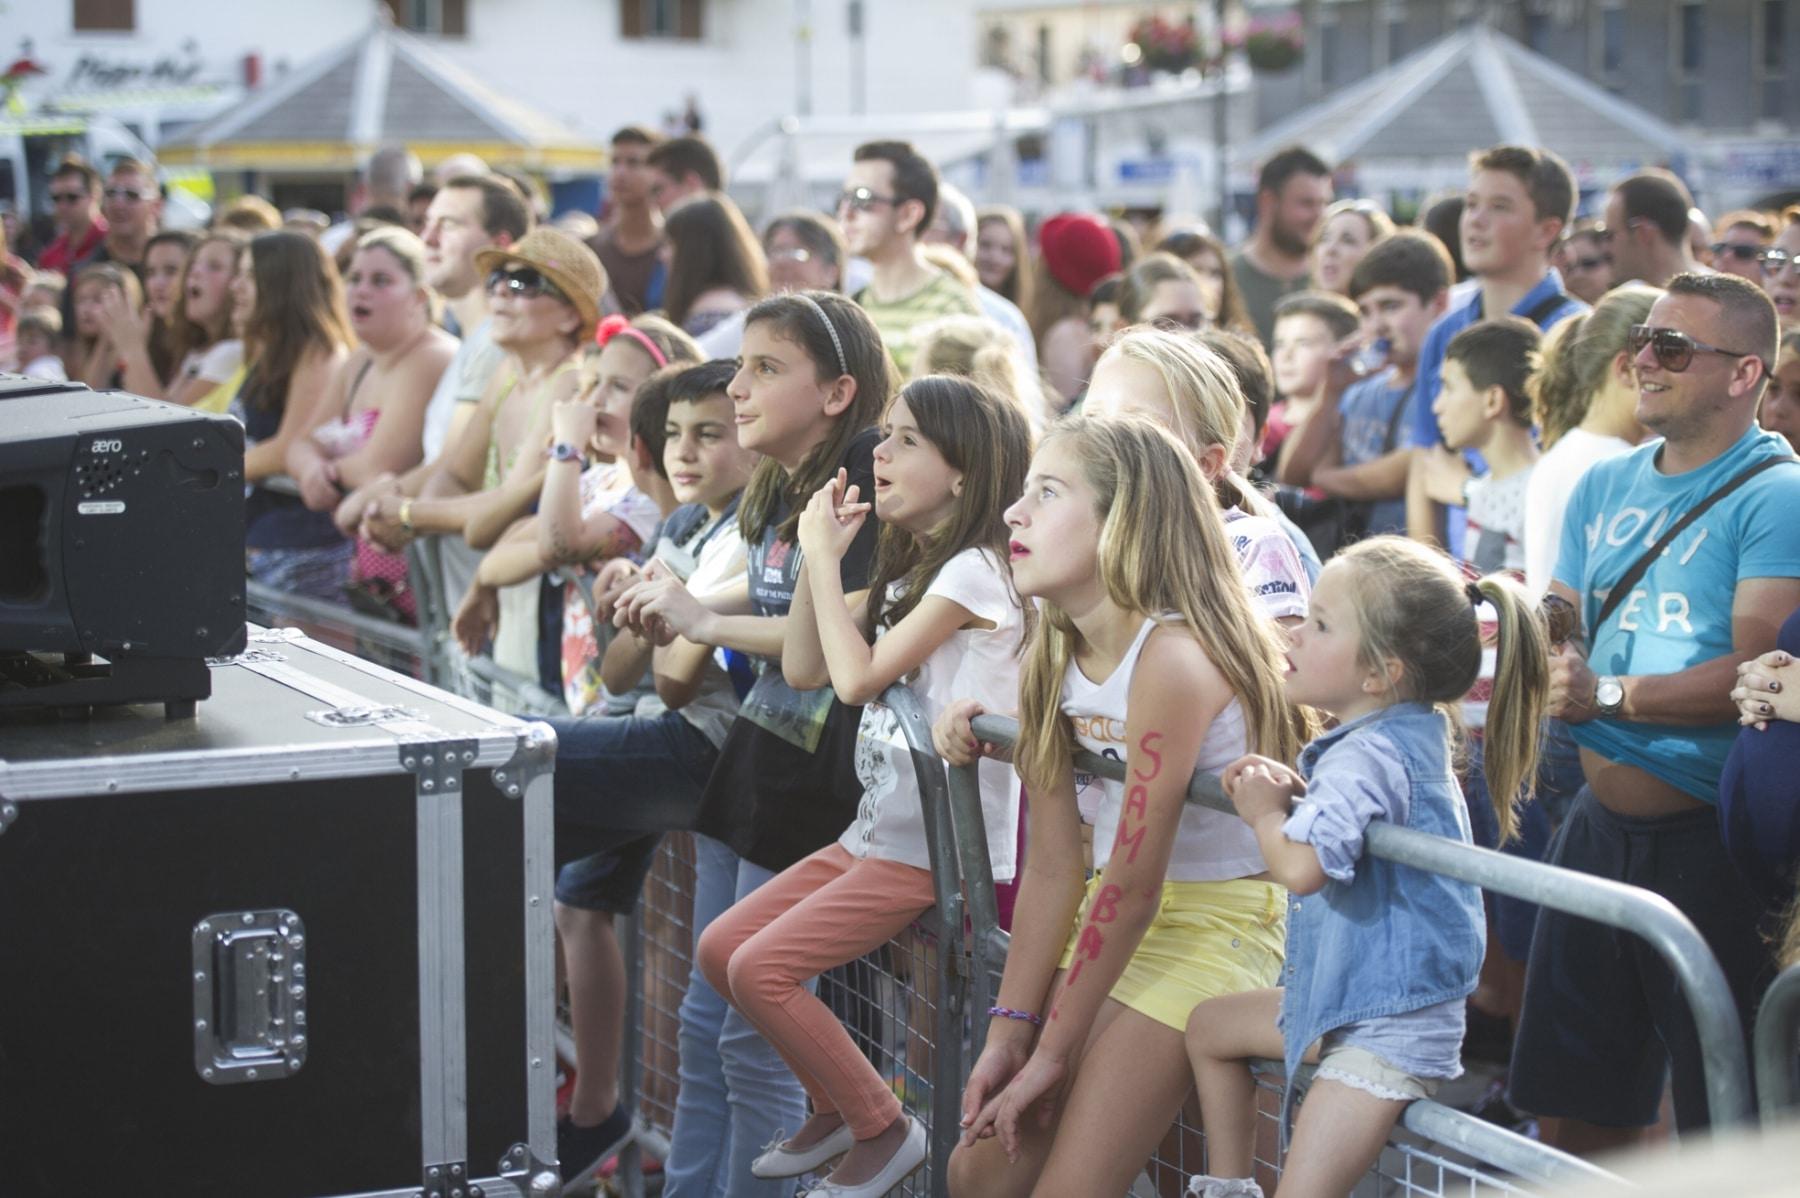 fiesta-del-1-de-mayo-en-gibraltar-01052015-03_17157045617_o